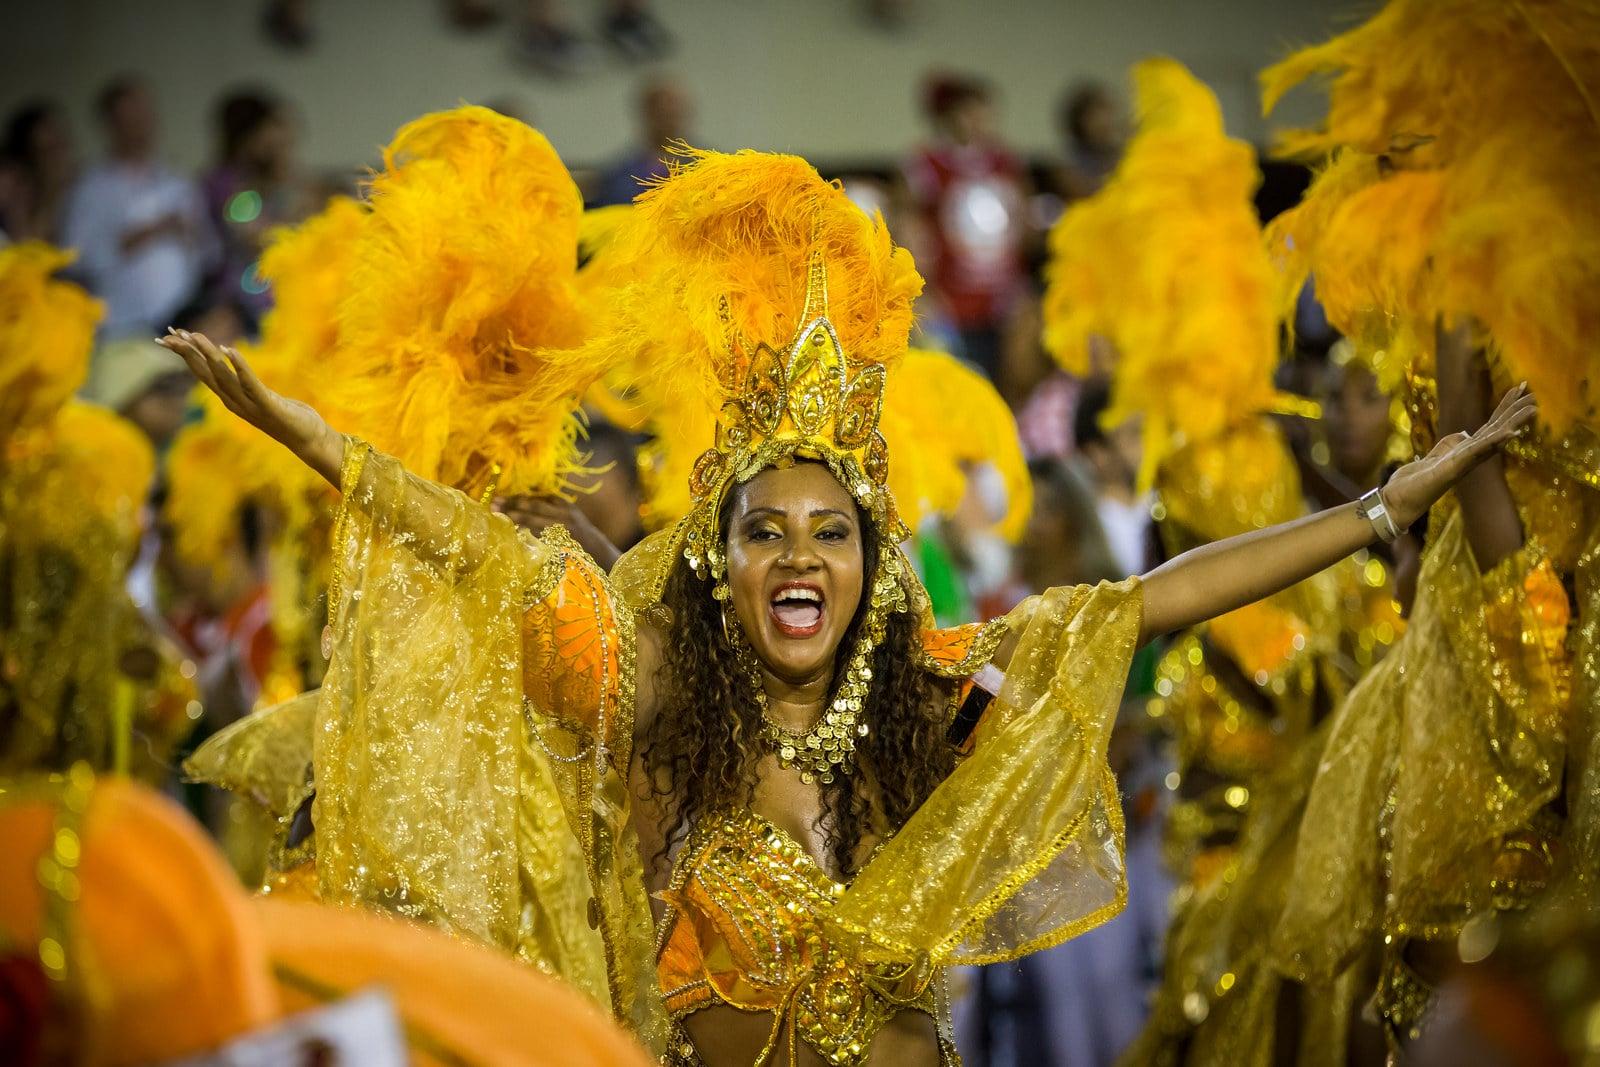 1 semaine au Carnaval de Rio 2019 dès 514€/p (Vols A/R + hôtel)